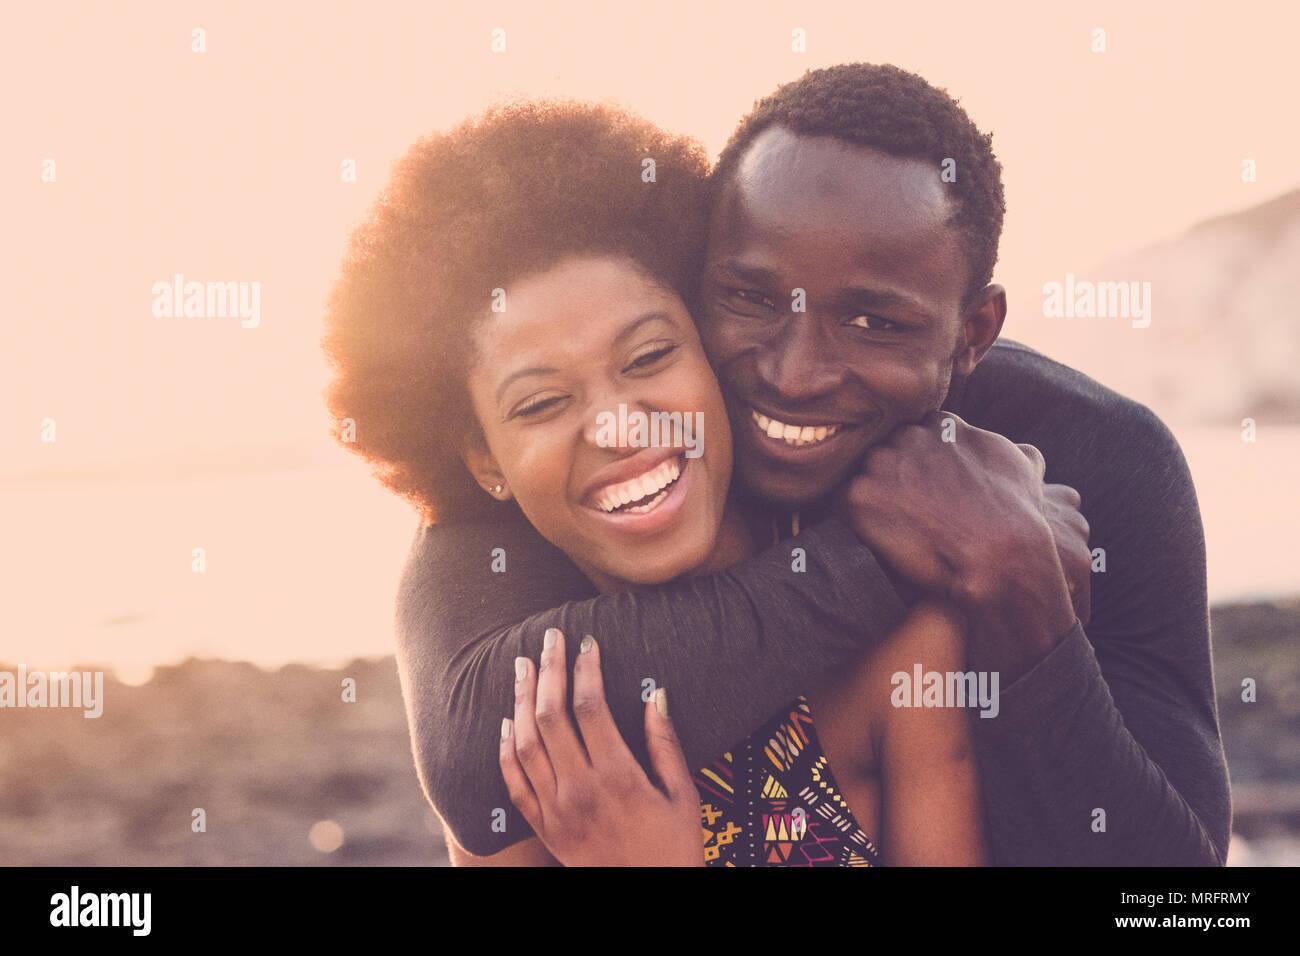 Hermosa raza negra modelo agradable par hombre y mujer joven abrazo y permanecer juntos con amor y amistad. outdoor pintoresco lugar cerca de la playa para Imagen De Stock